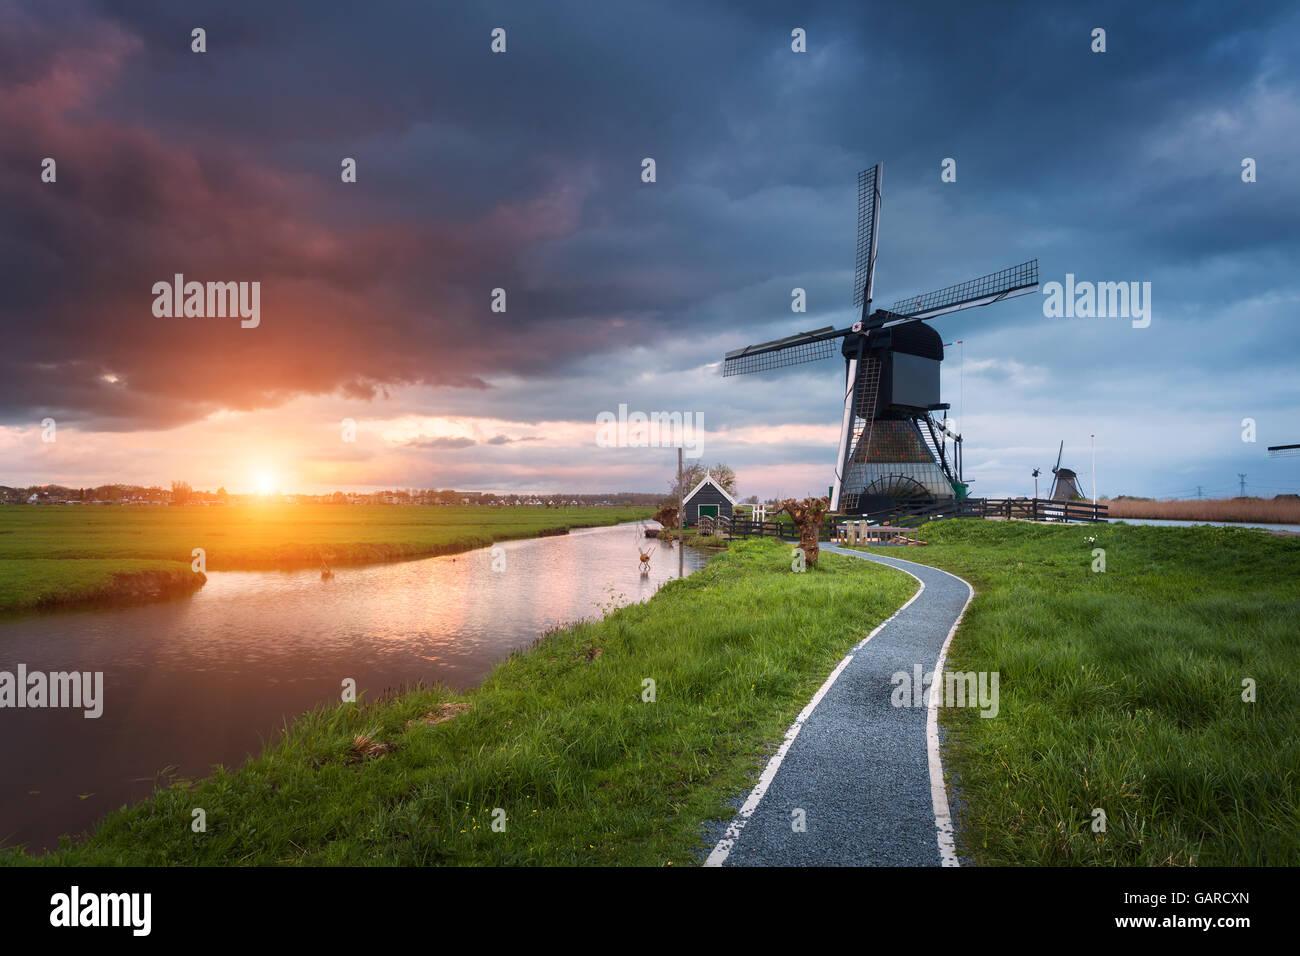 Landschaft mit traditionellen holländischen Windmühlen und Pfad in der Nähe der Wasserkanäle. Stockbild